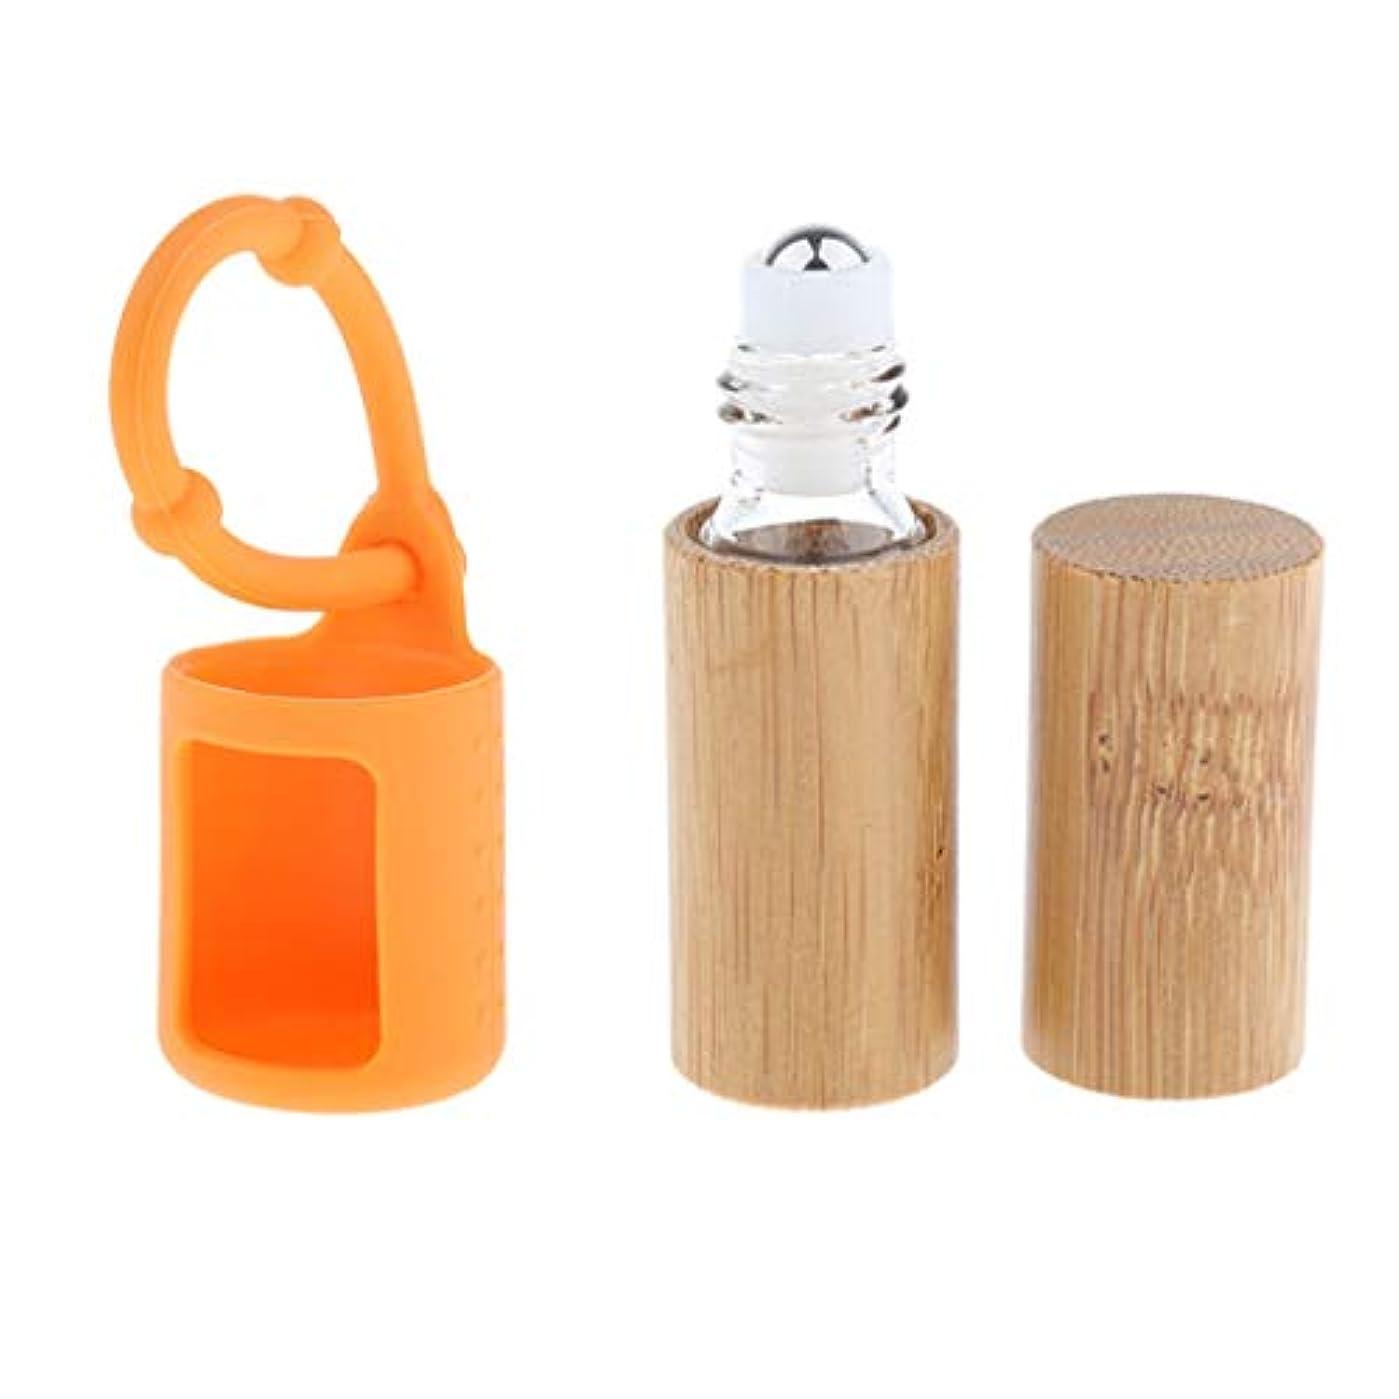 チップ匿名ほこりっぽいD DOLITY 竹ボトル エッセンシャルオイル 香水 オイル 精油瓶 詰め替え 5ミリ 吊り掛けバッグ付